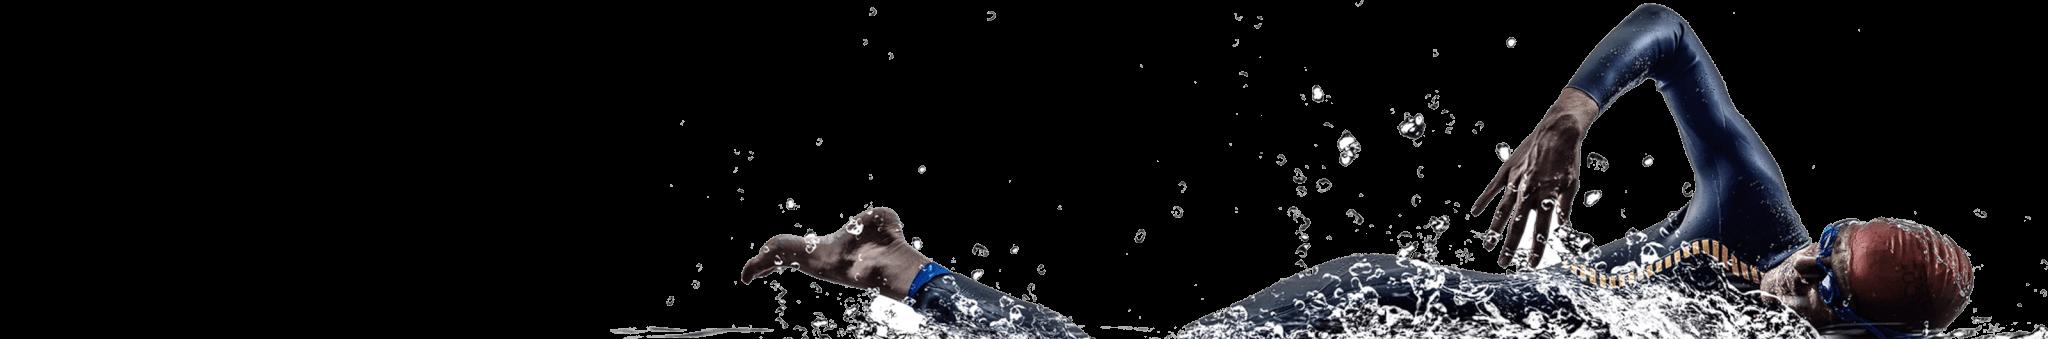 https://fshn.org.al/wp-content/uploads/2017/10/inner_swimmer.png